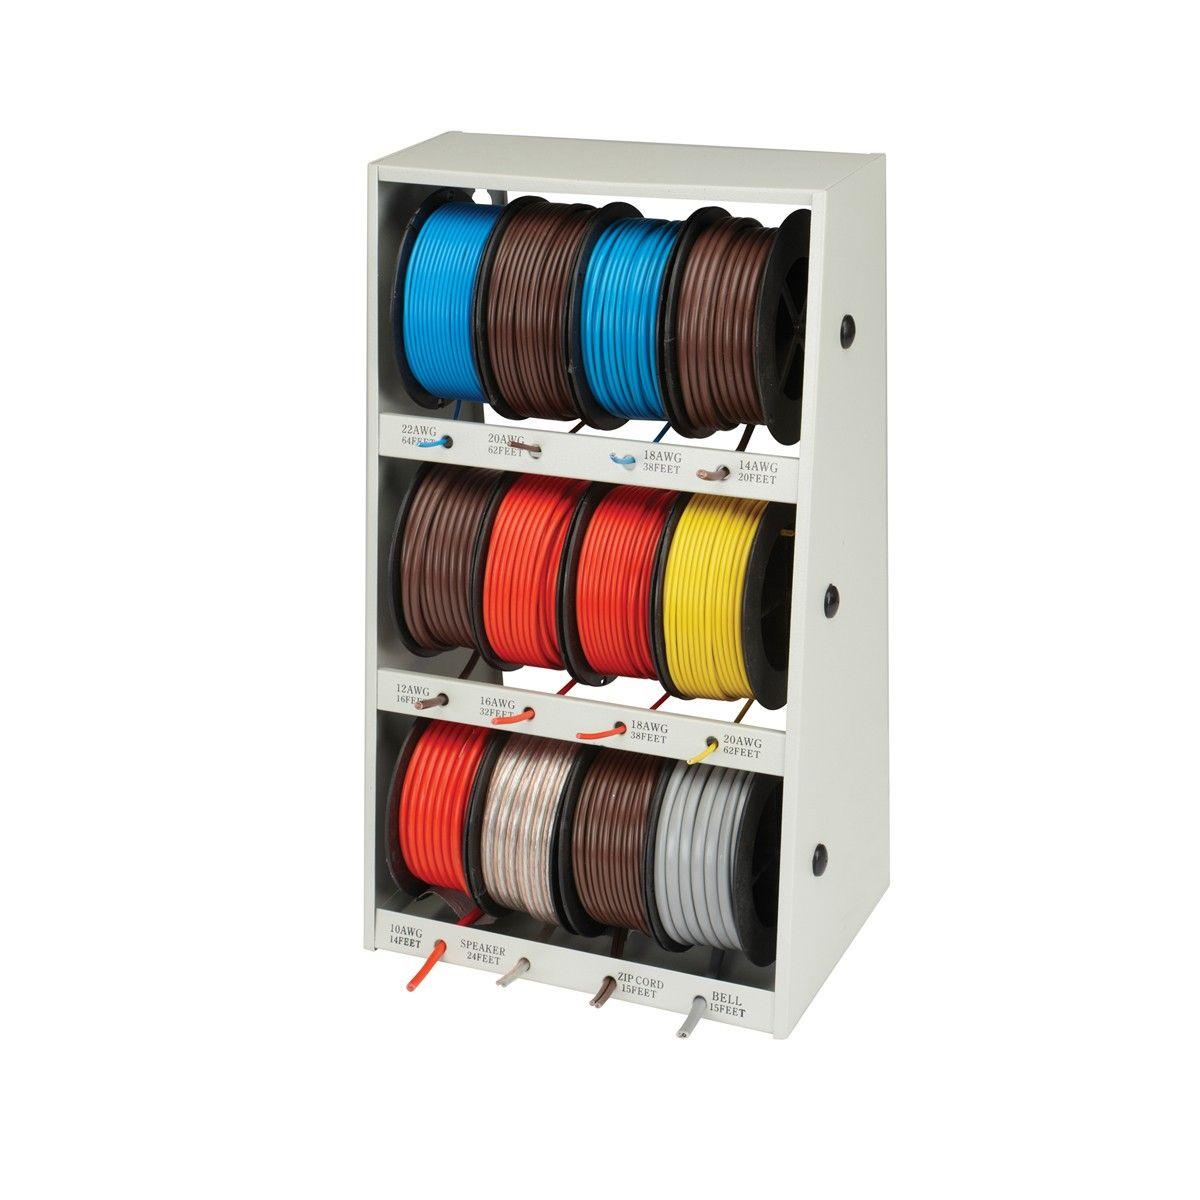 medium resolution of 400 ft wire storehouse home workshop workshop organization shop storage electrical wiring